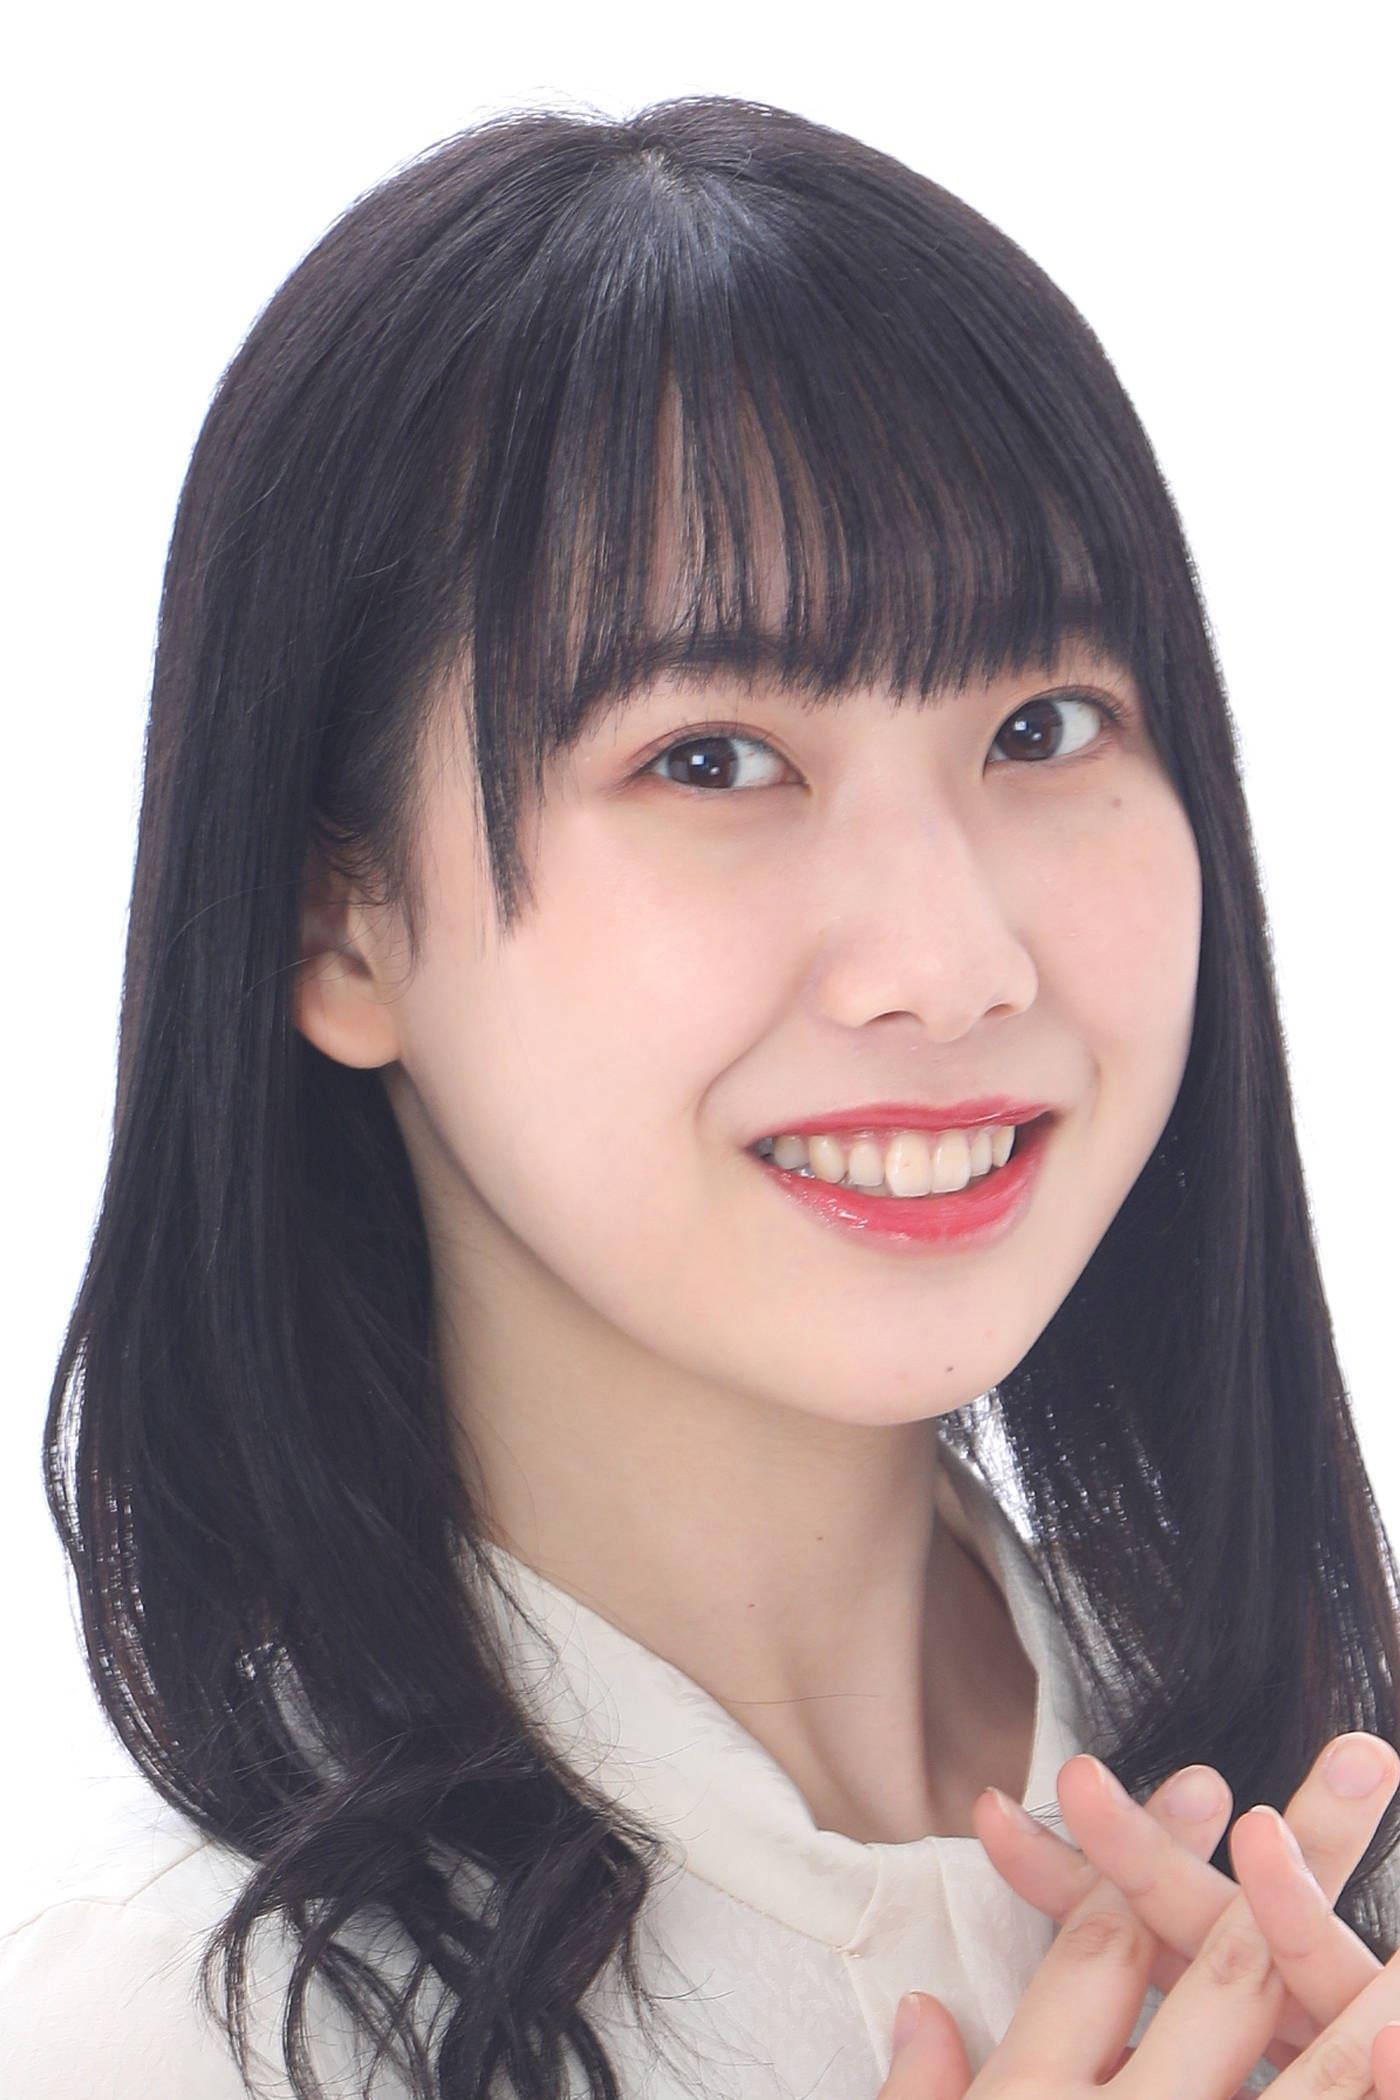 Miyu Konno